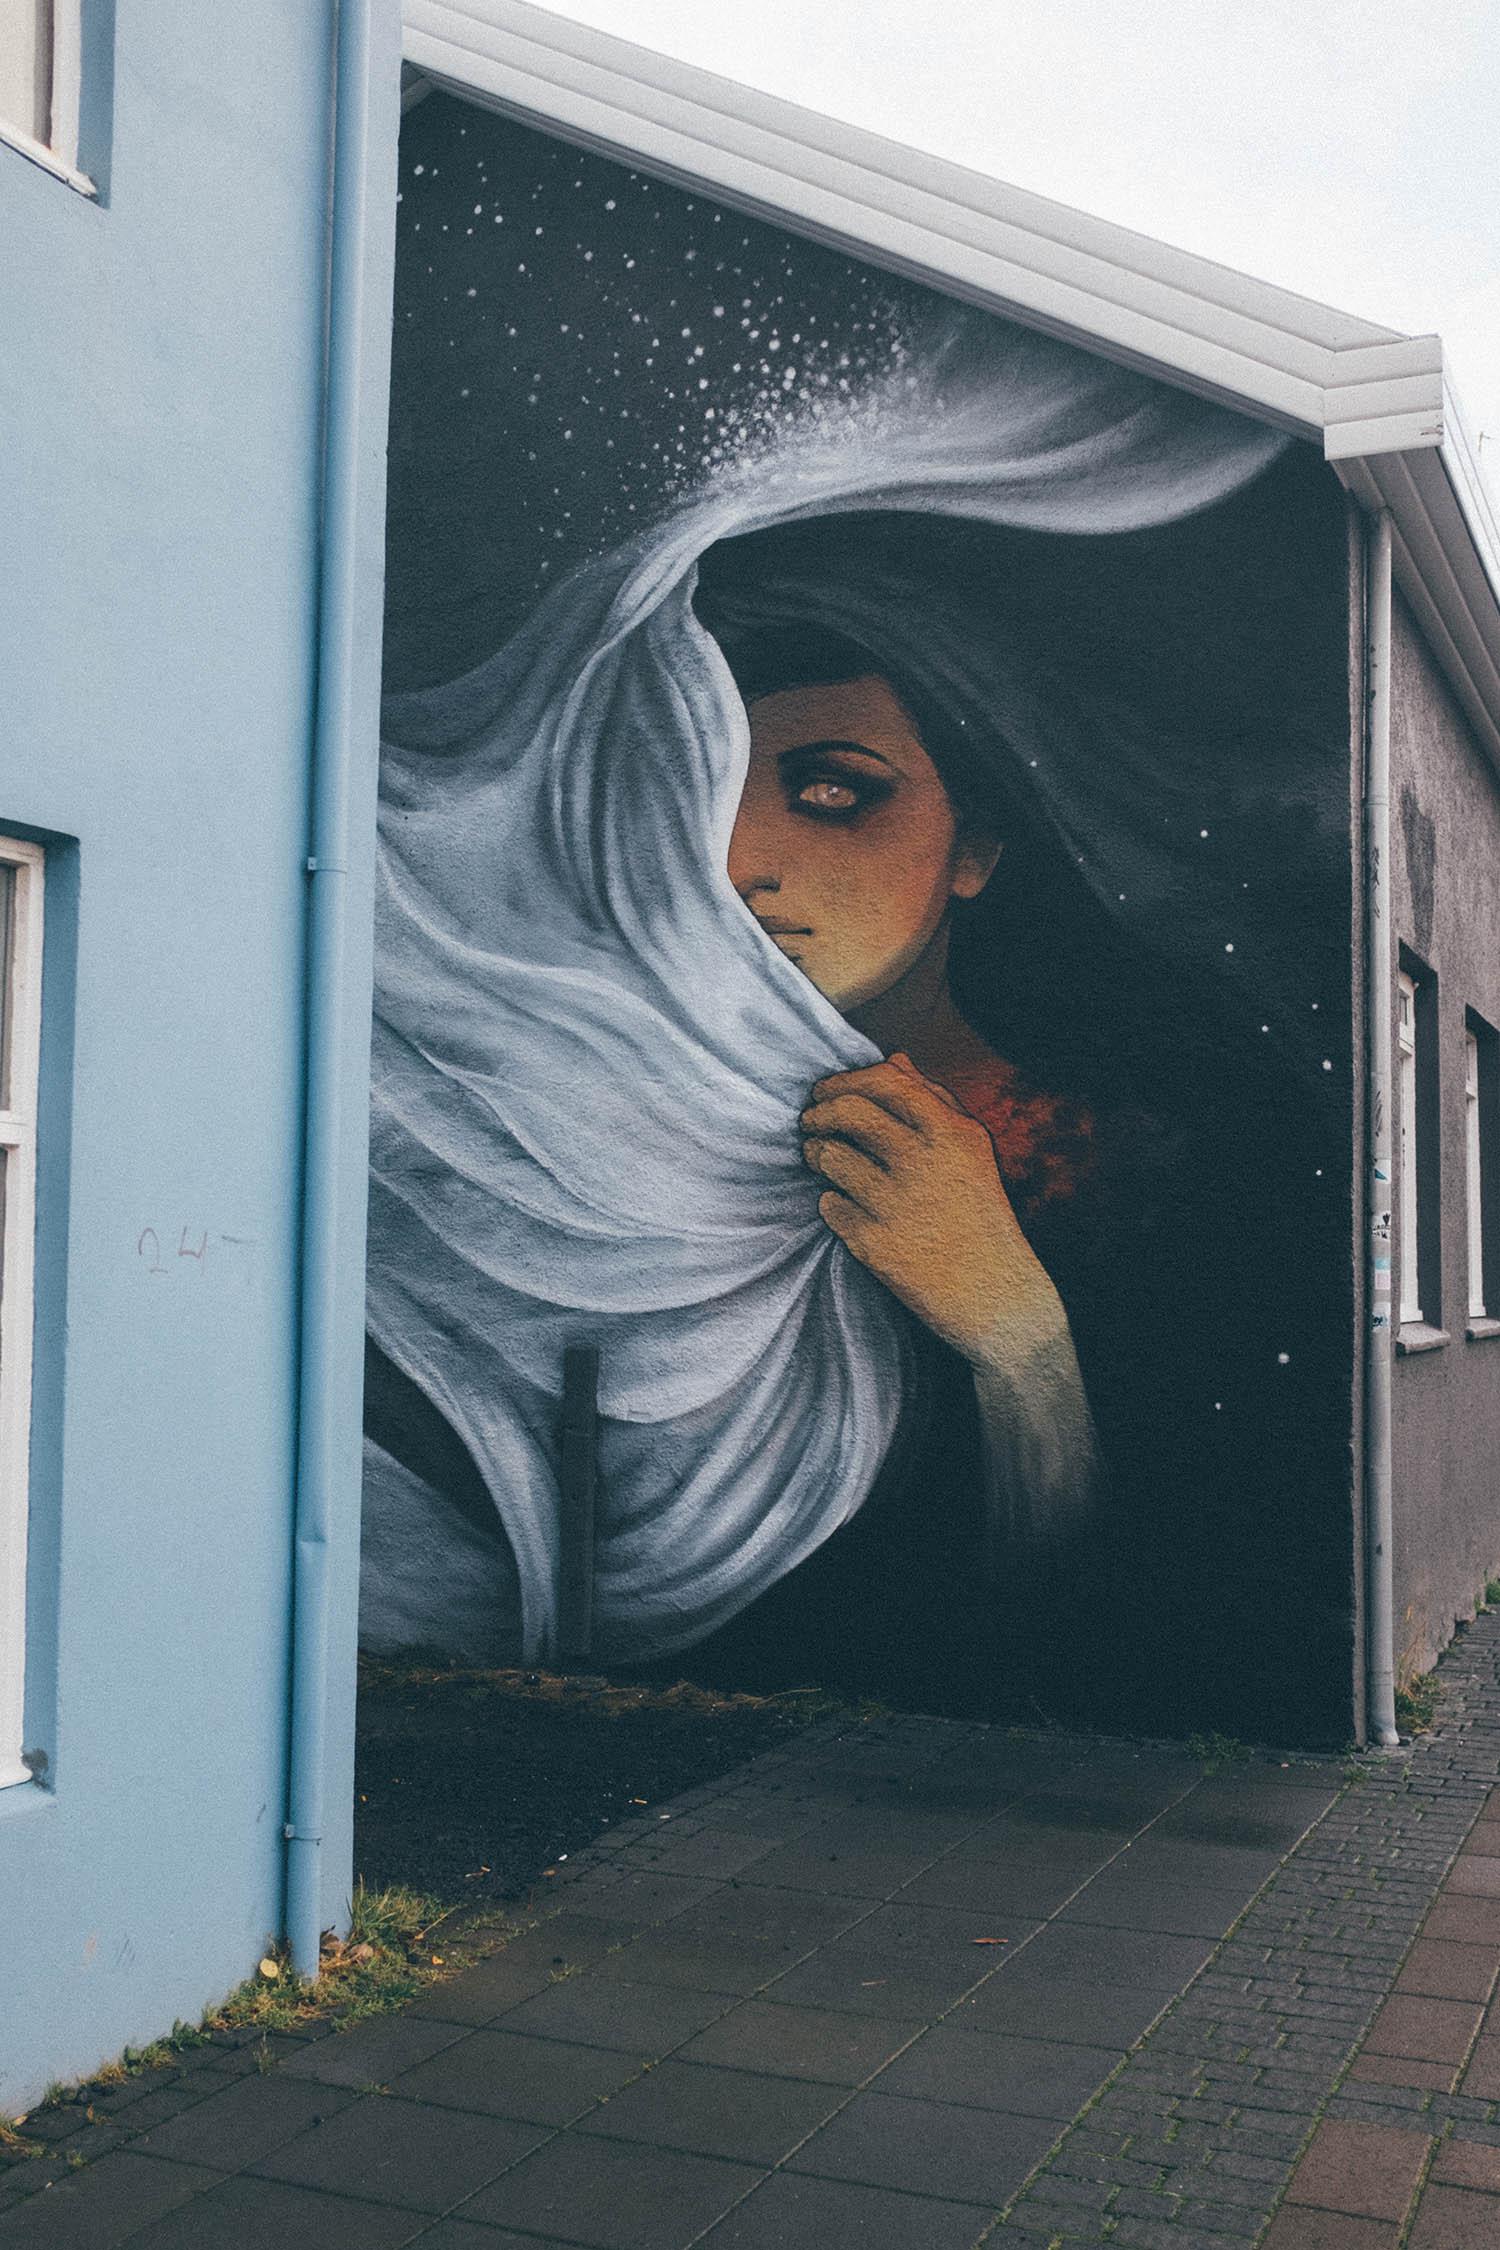 travel reykjavik iceland blog street art mural